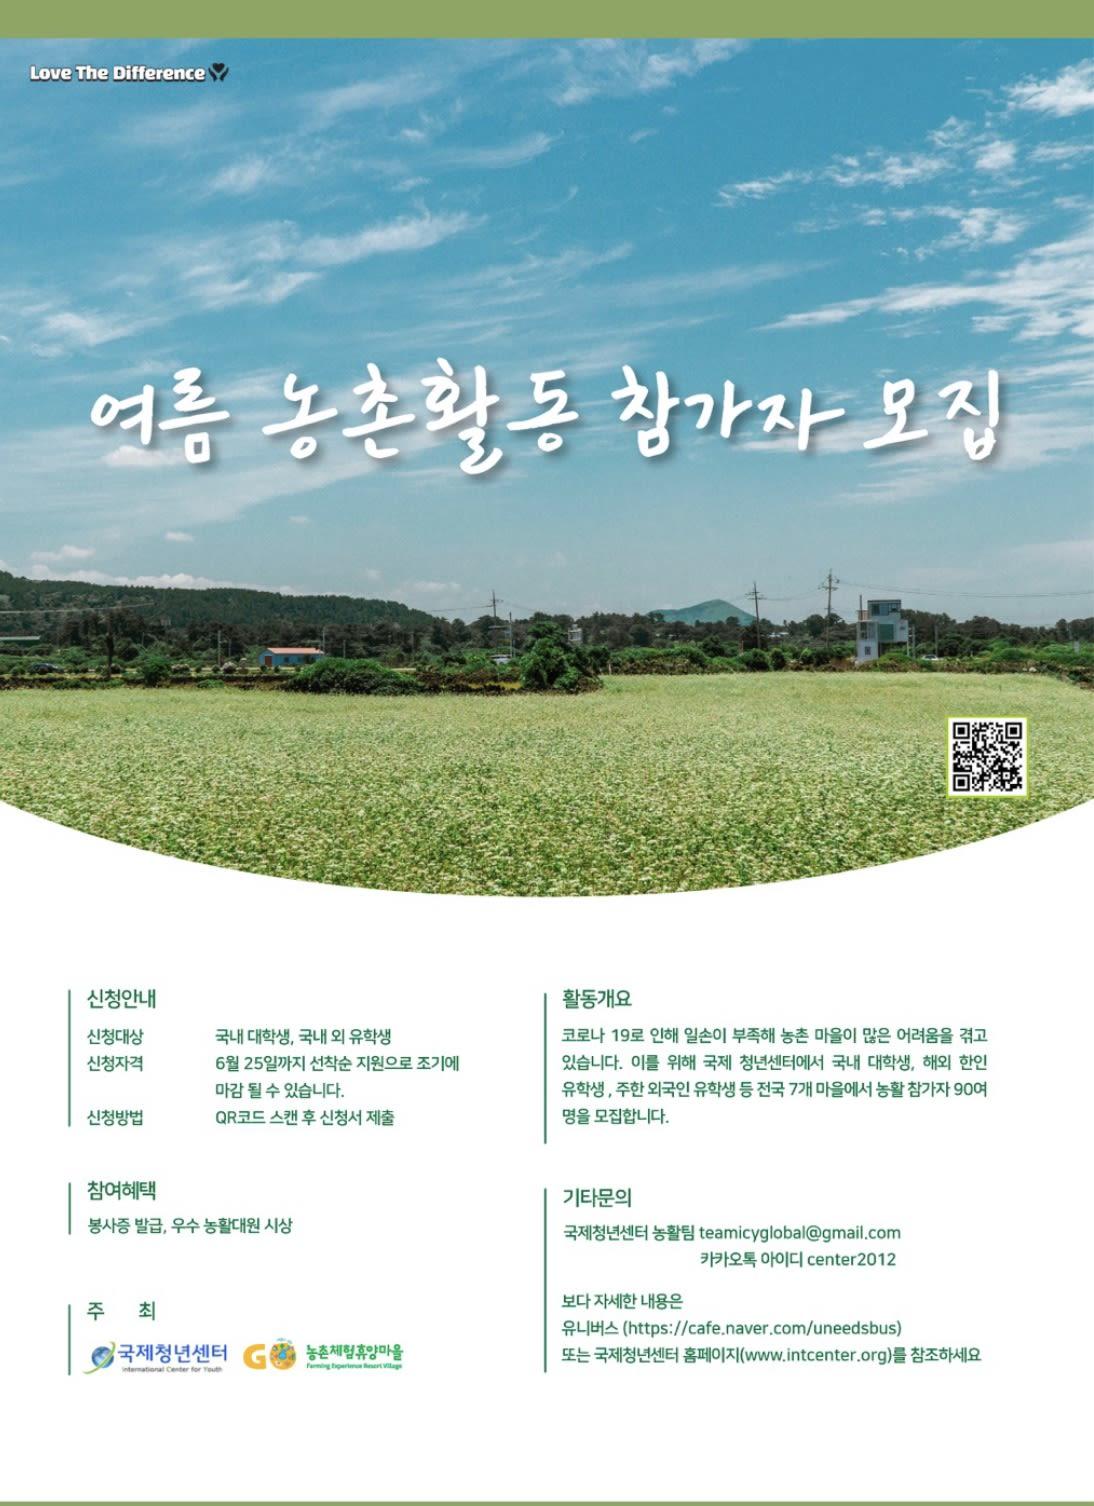 국제청년센터 여름 농총활동 참가자 모집(~7/31)